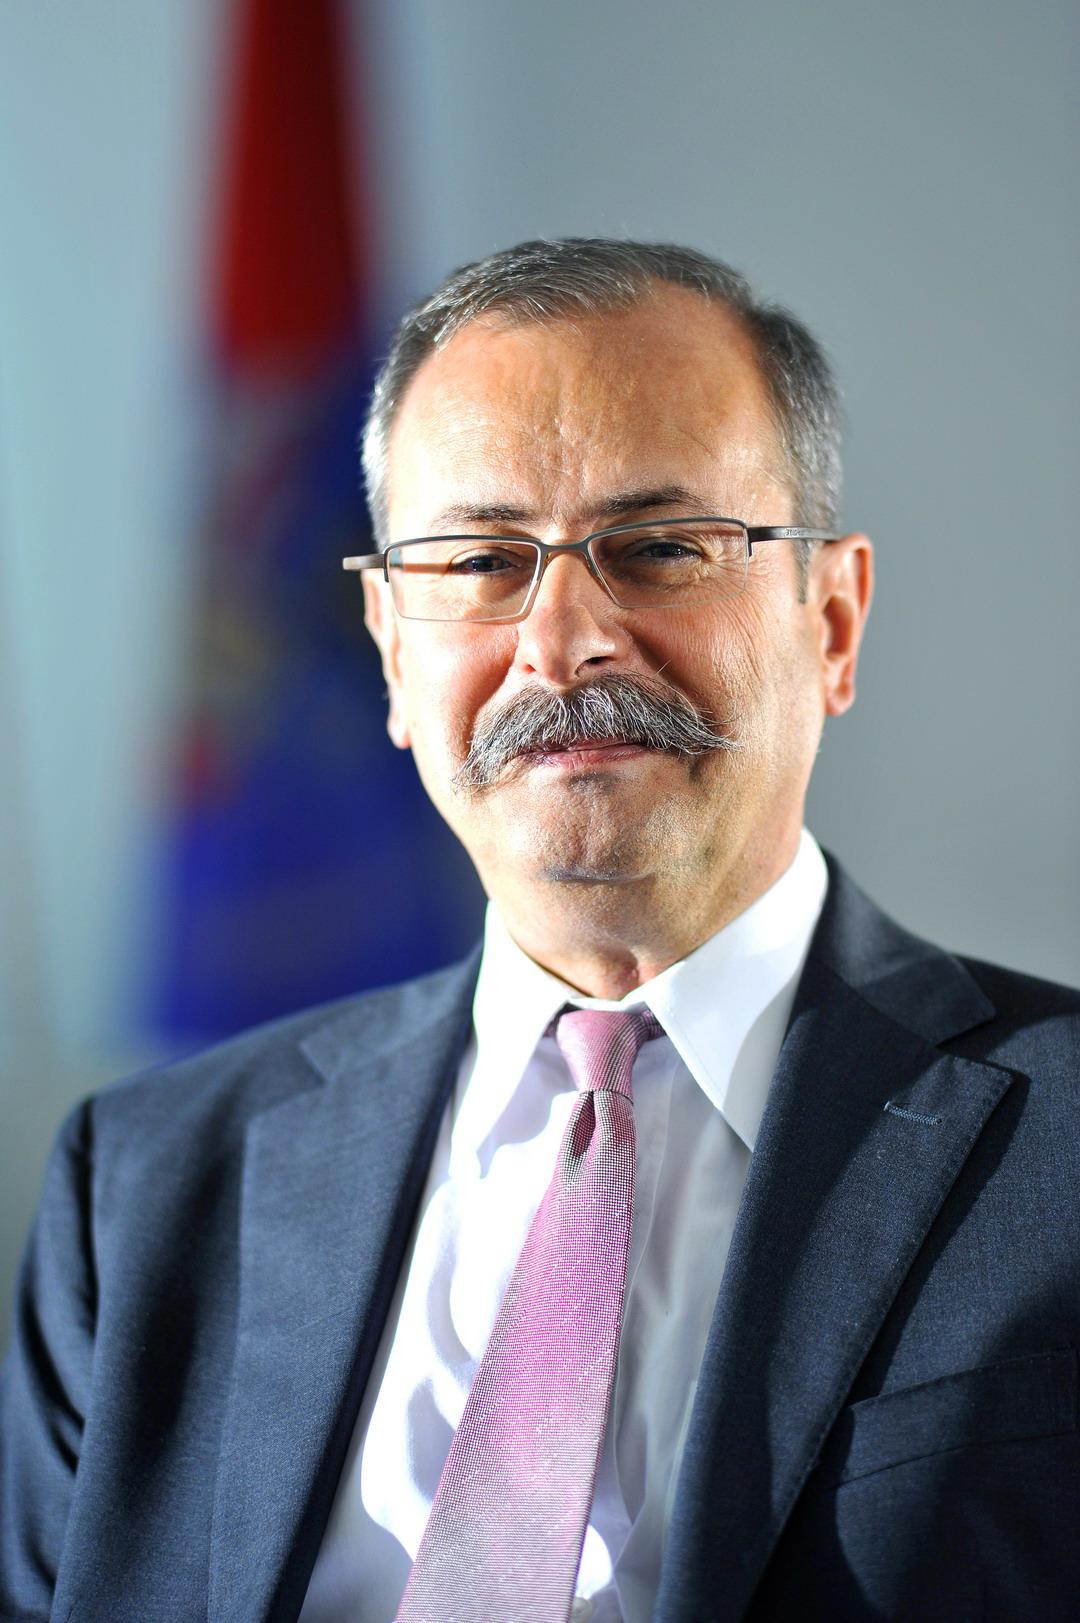 Demeter Ervin kormánymegbízott, Borsod- Abaúj-Zemplén Megye